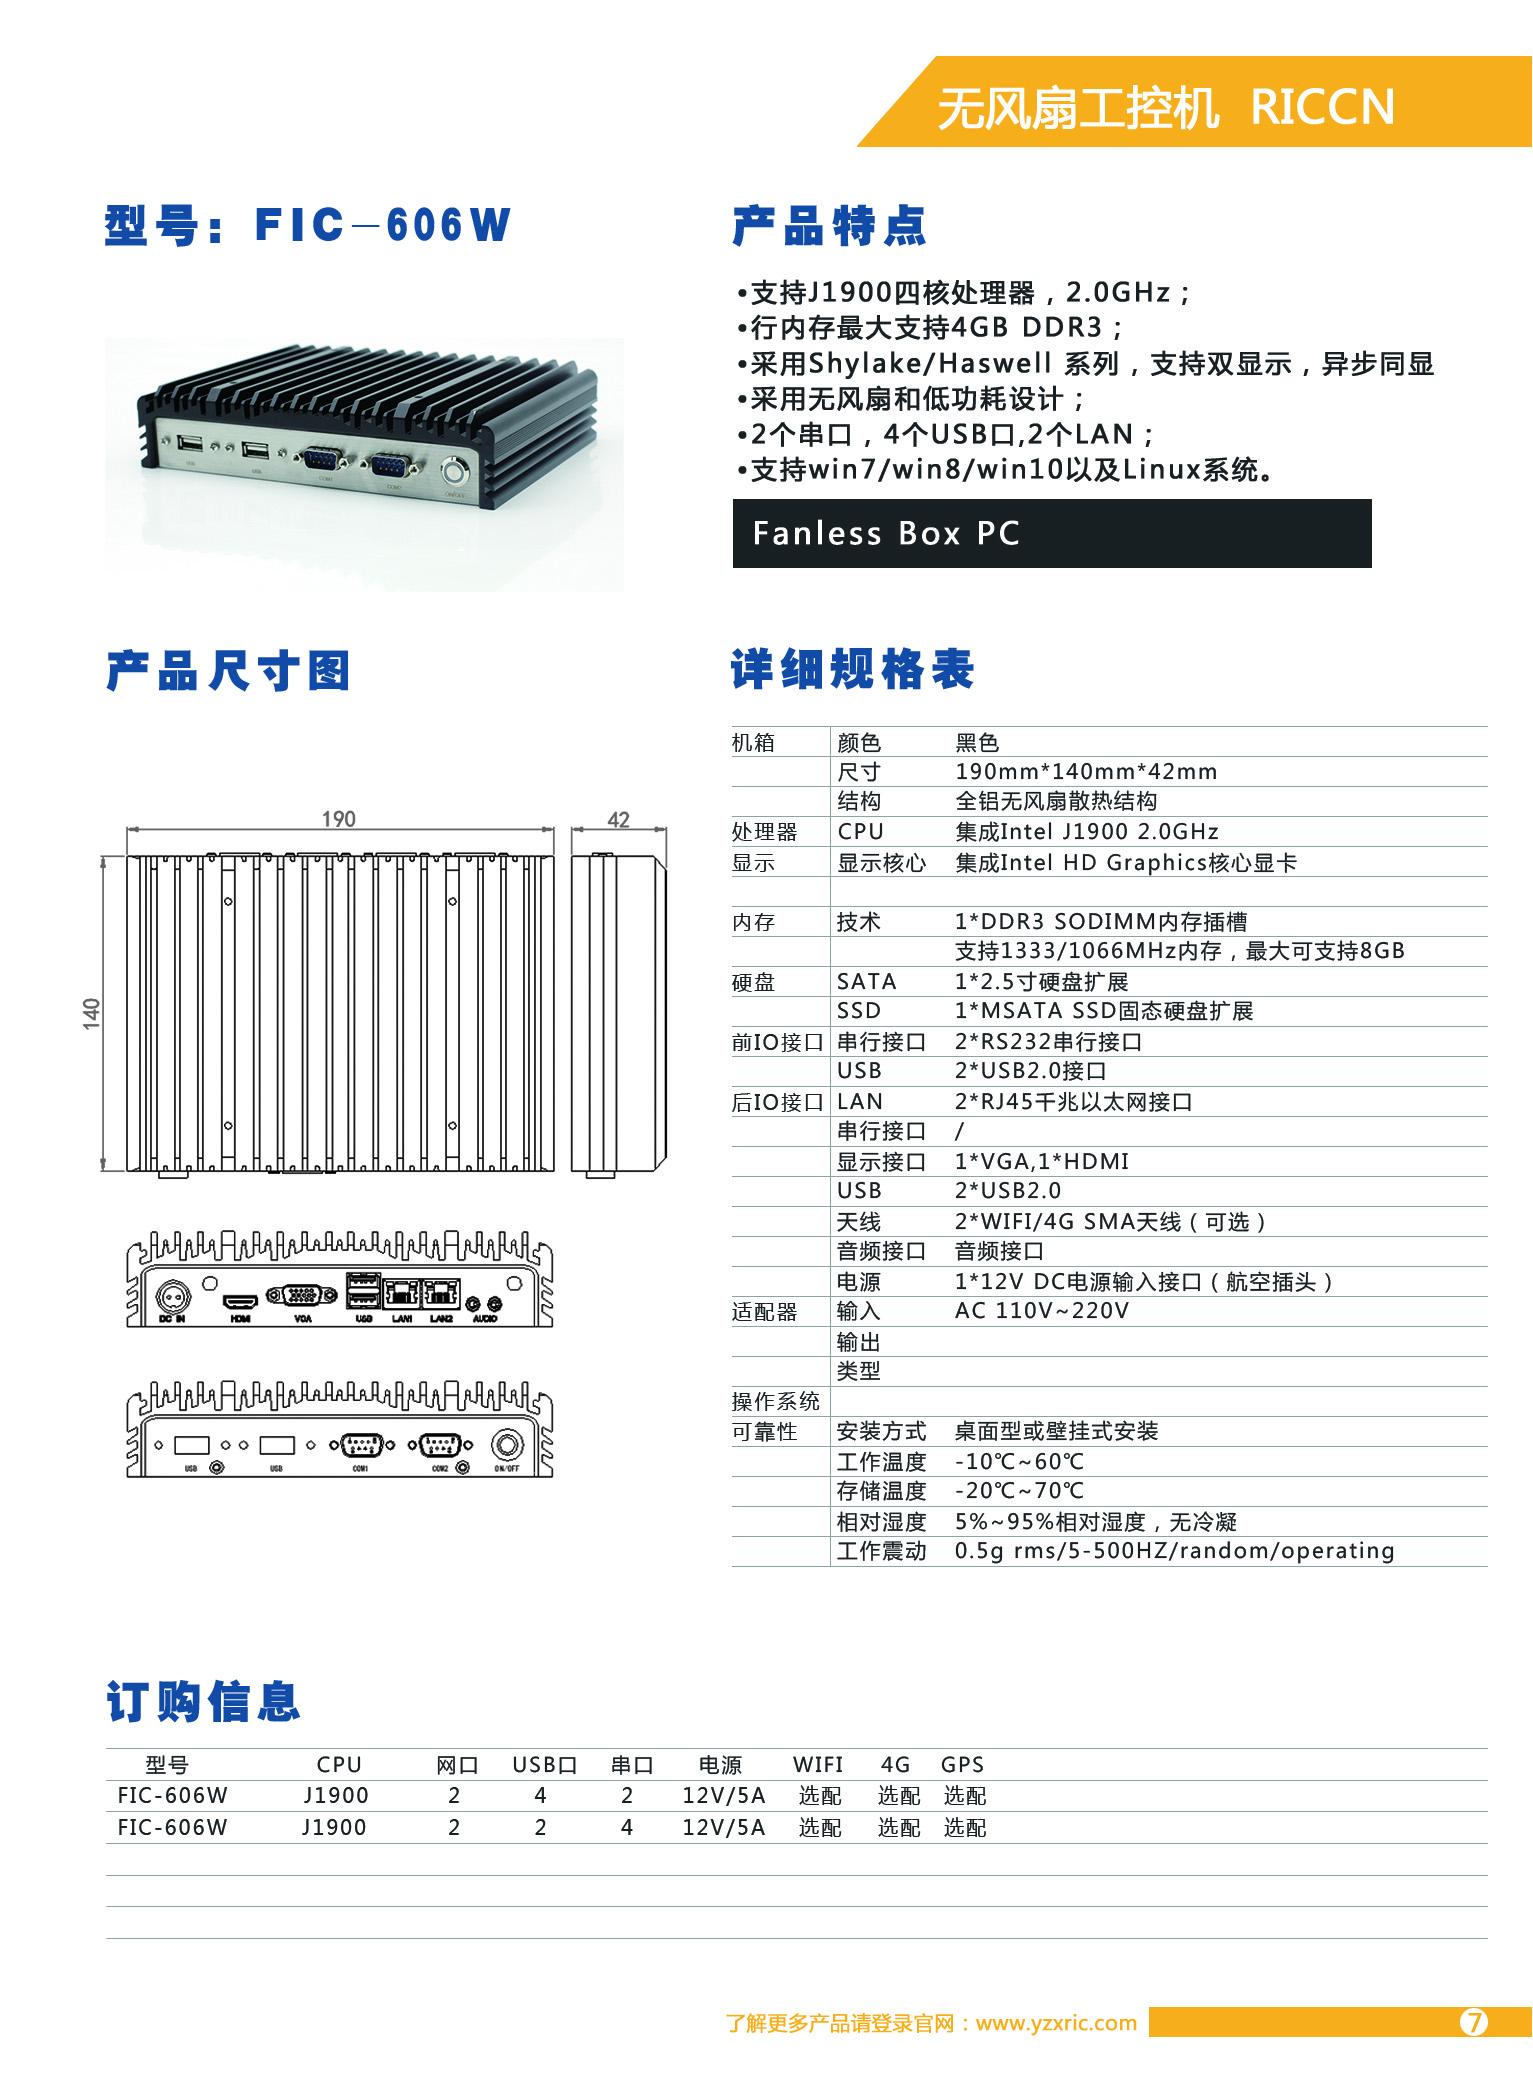 FIC-606W